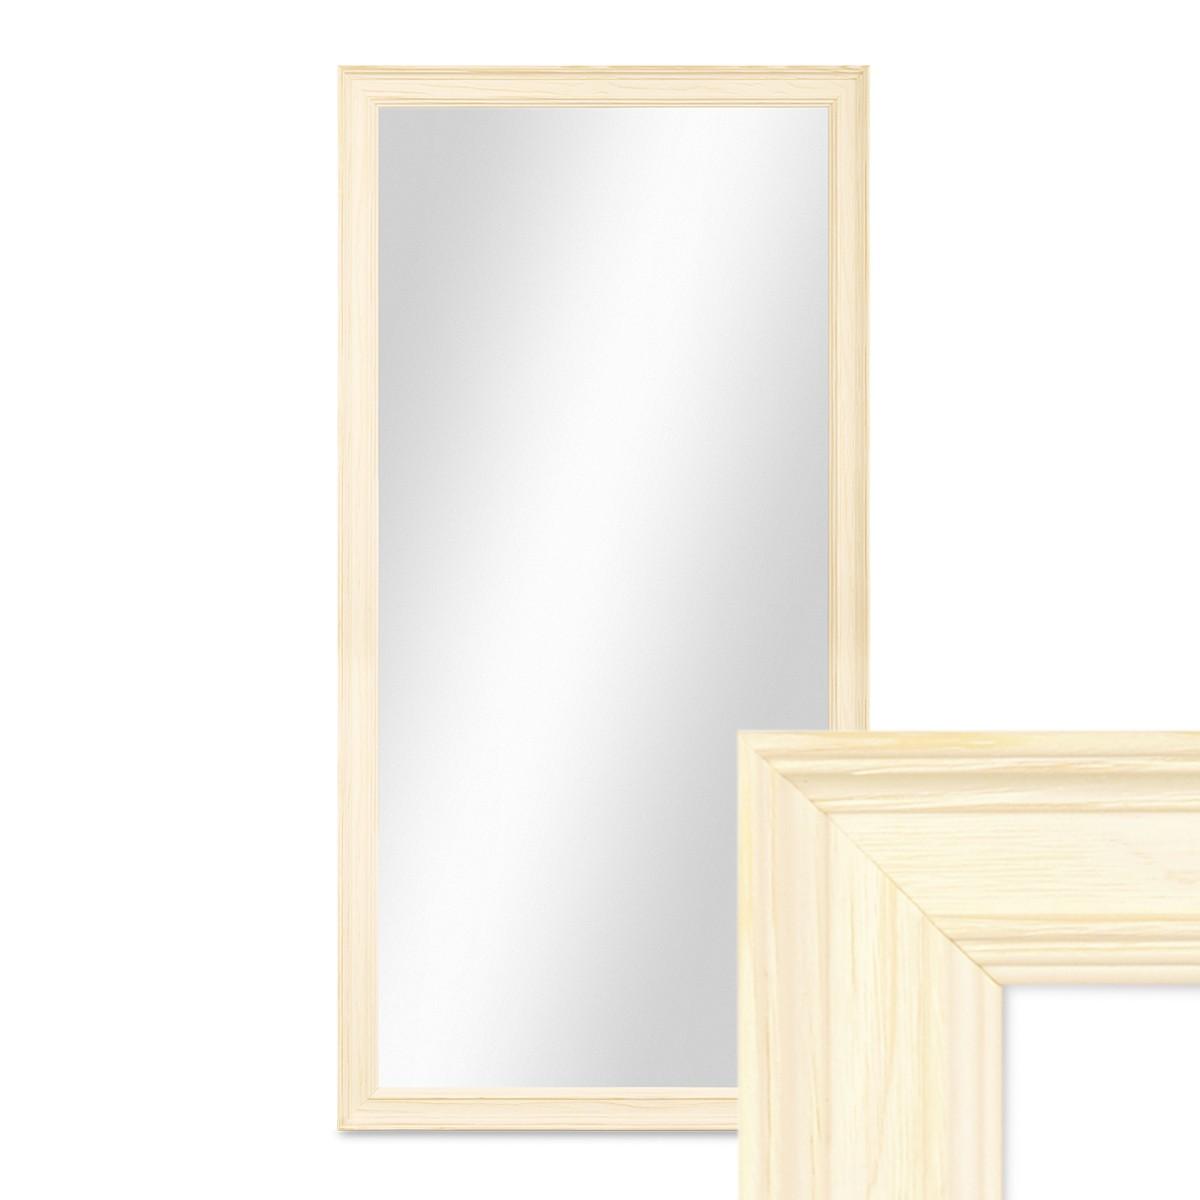 Wand-Spiegel 34x64 cm im Holzrahmen Skandinavisches Design Weiss ...